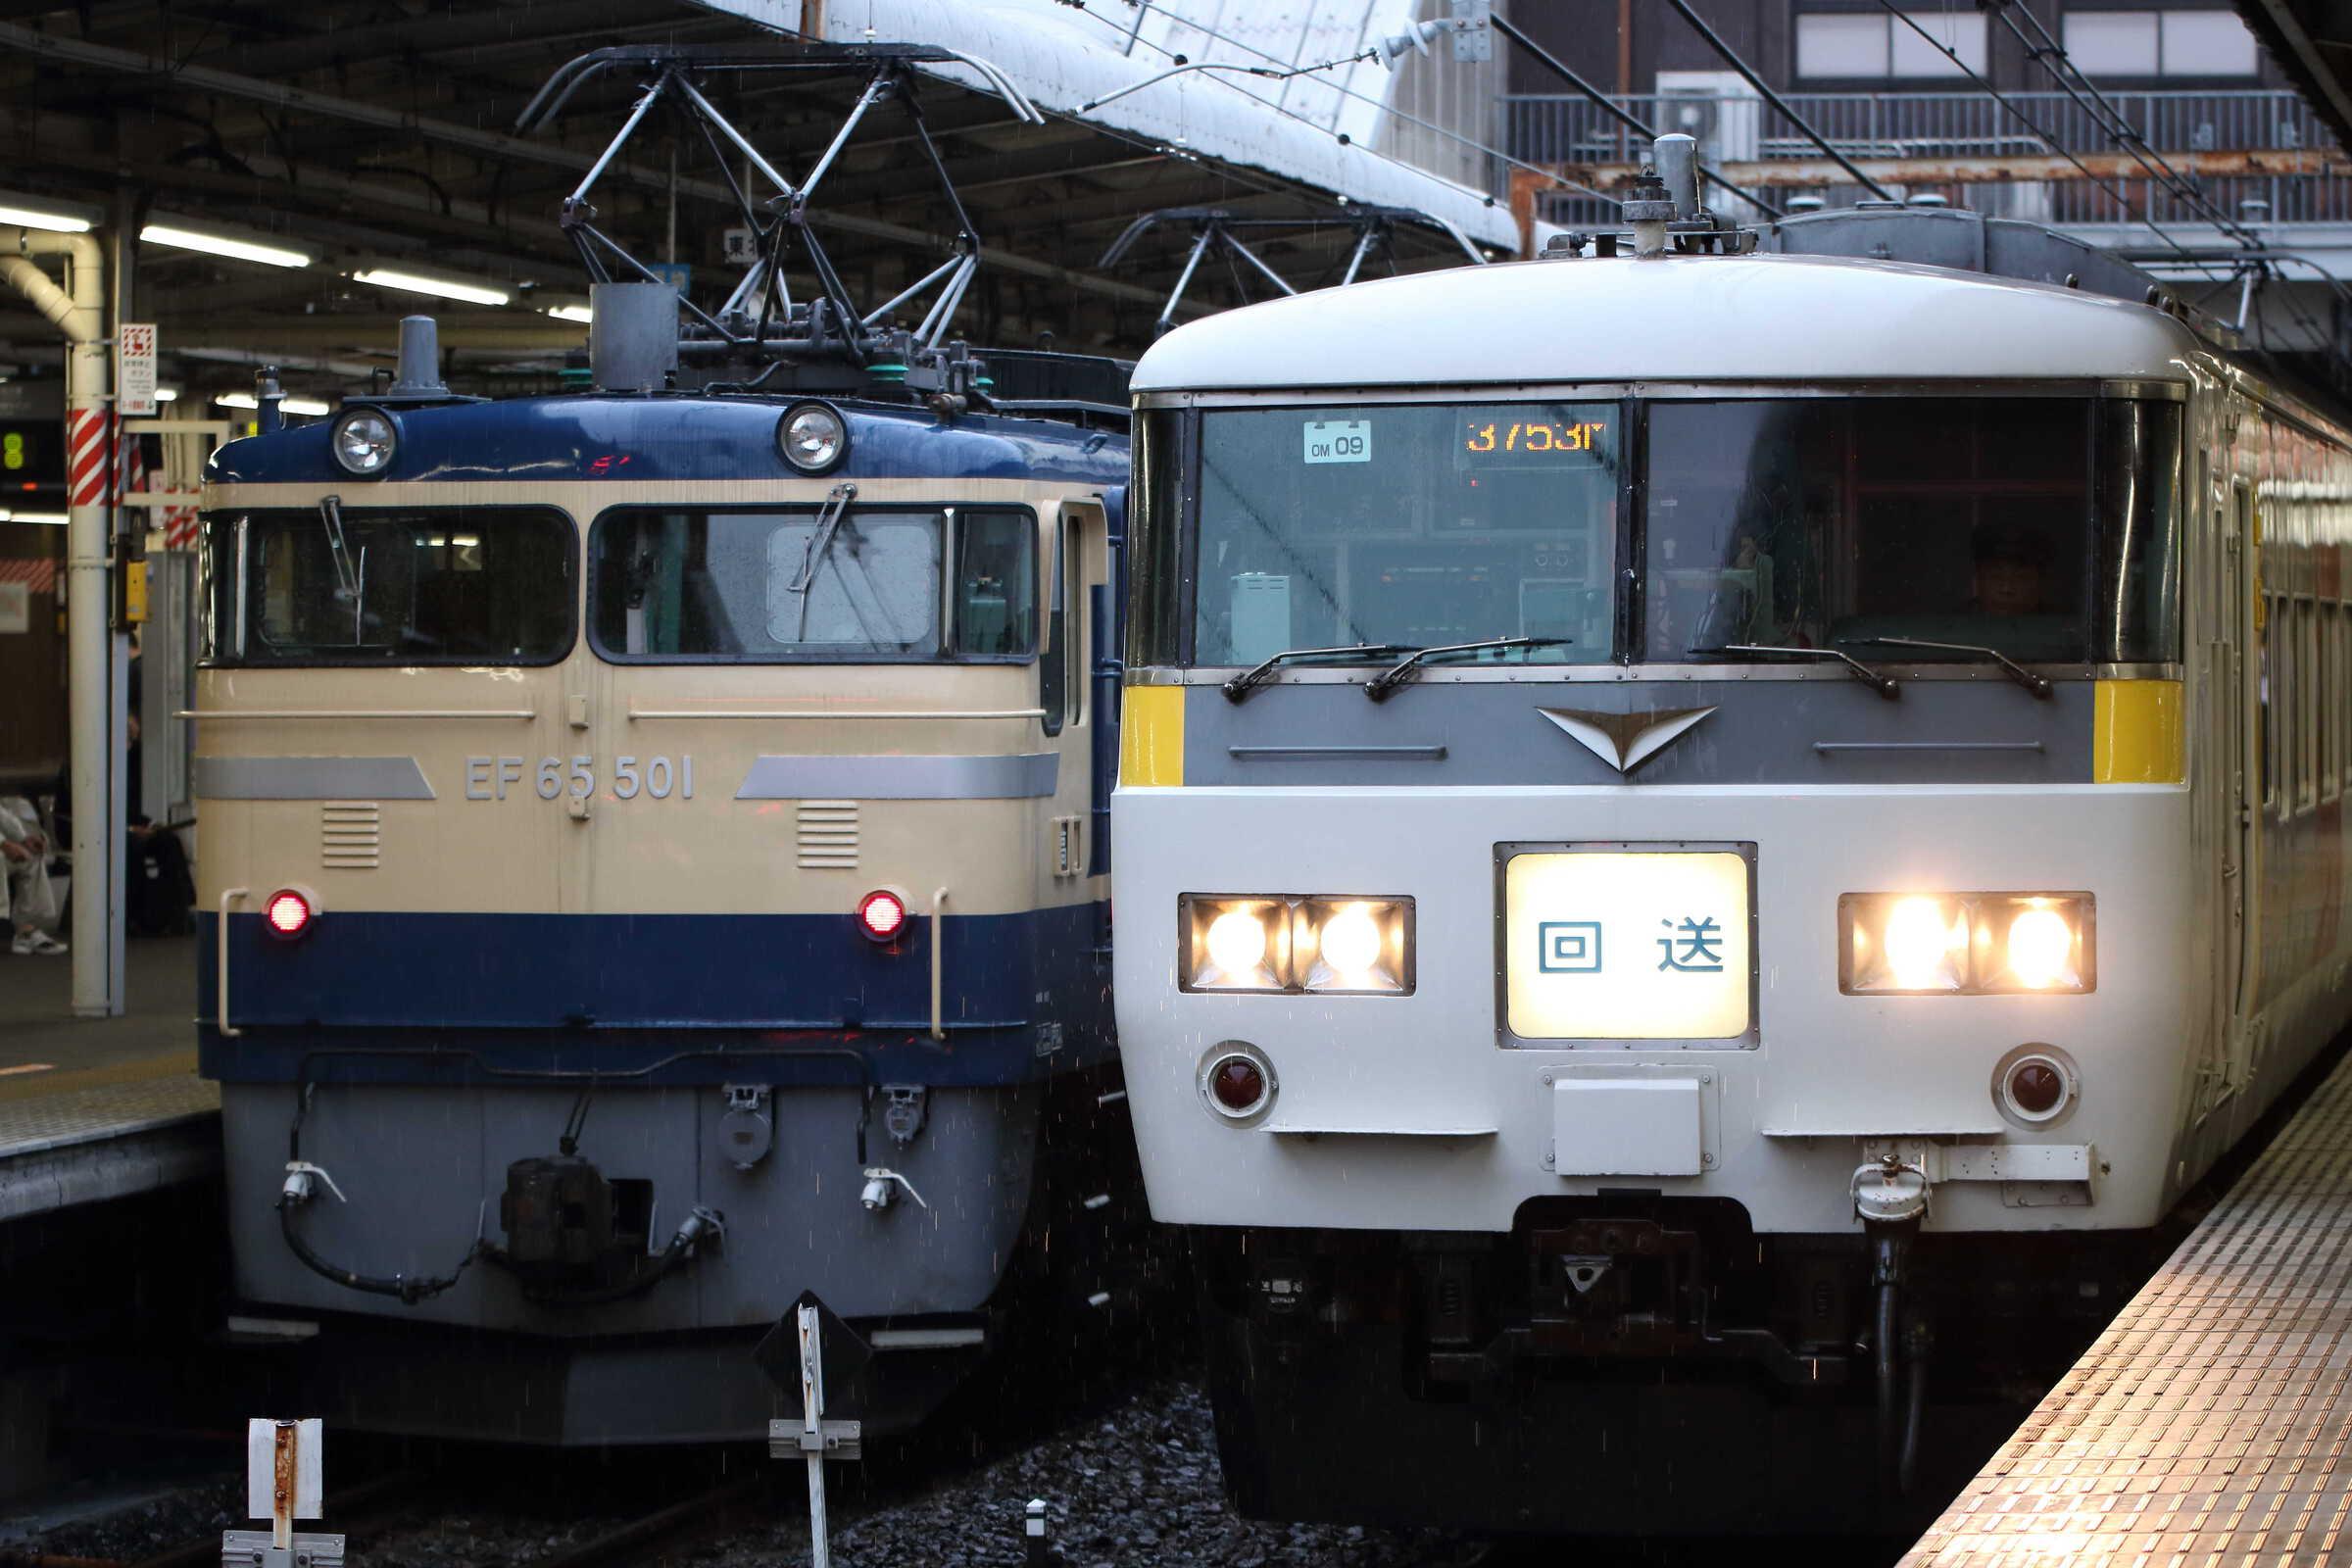 単9574列車〜単9827列車 旧客回送牽引機返却 EF65-501[高] / 回3753M 185系 宮オオOM09編成